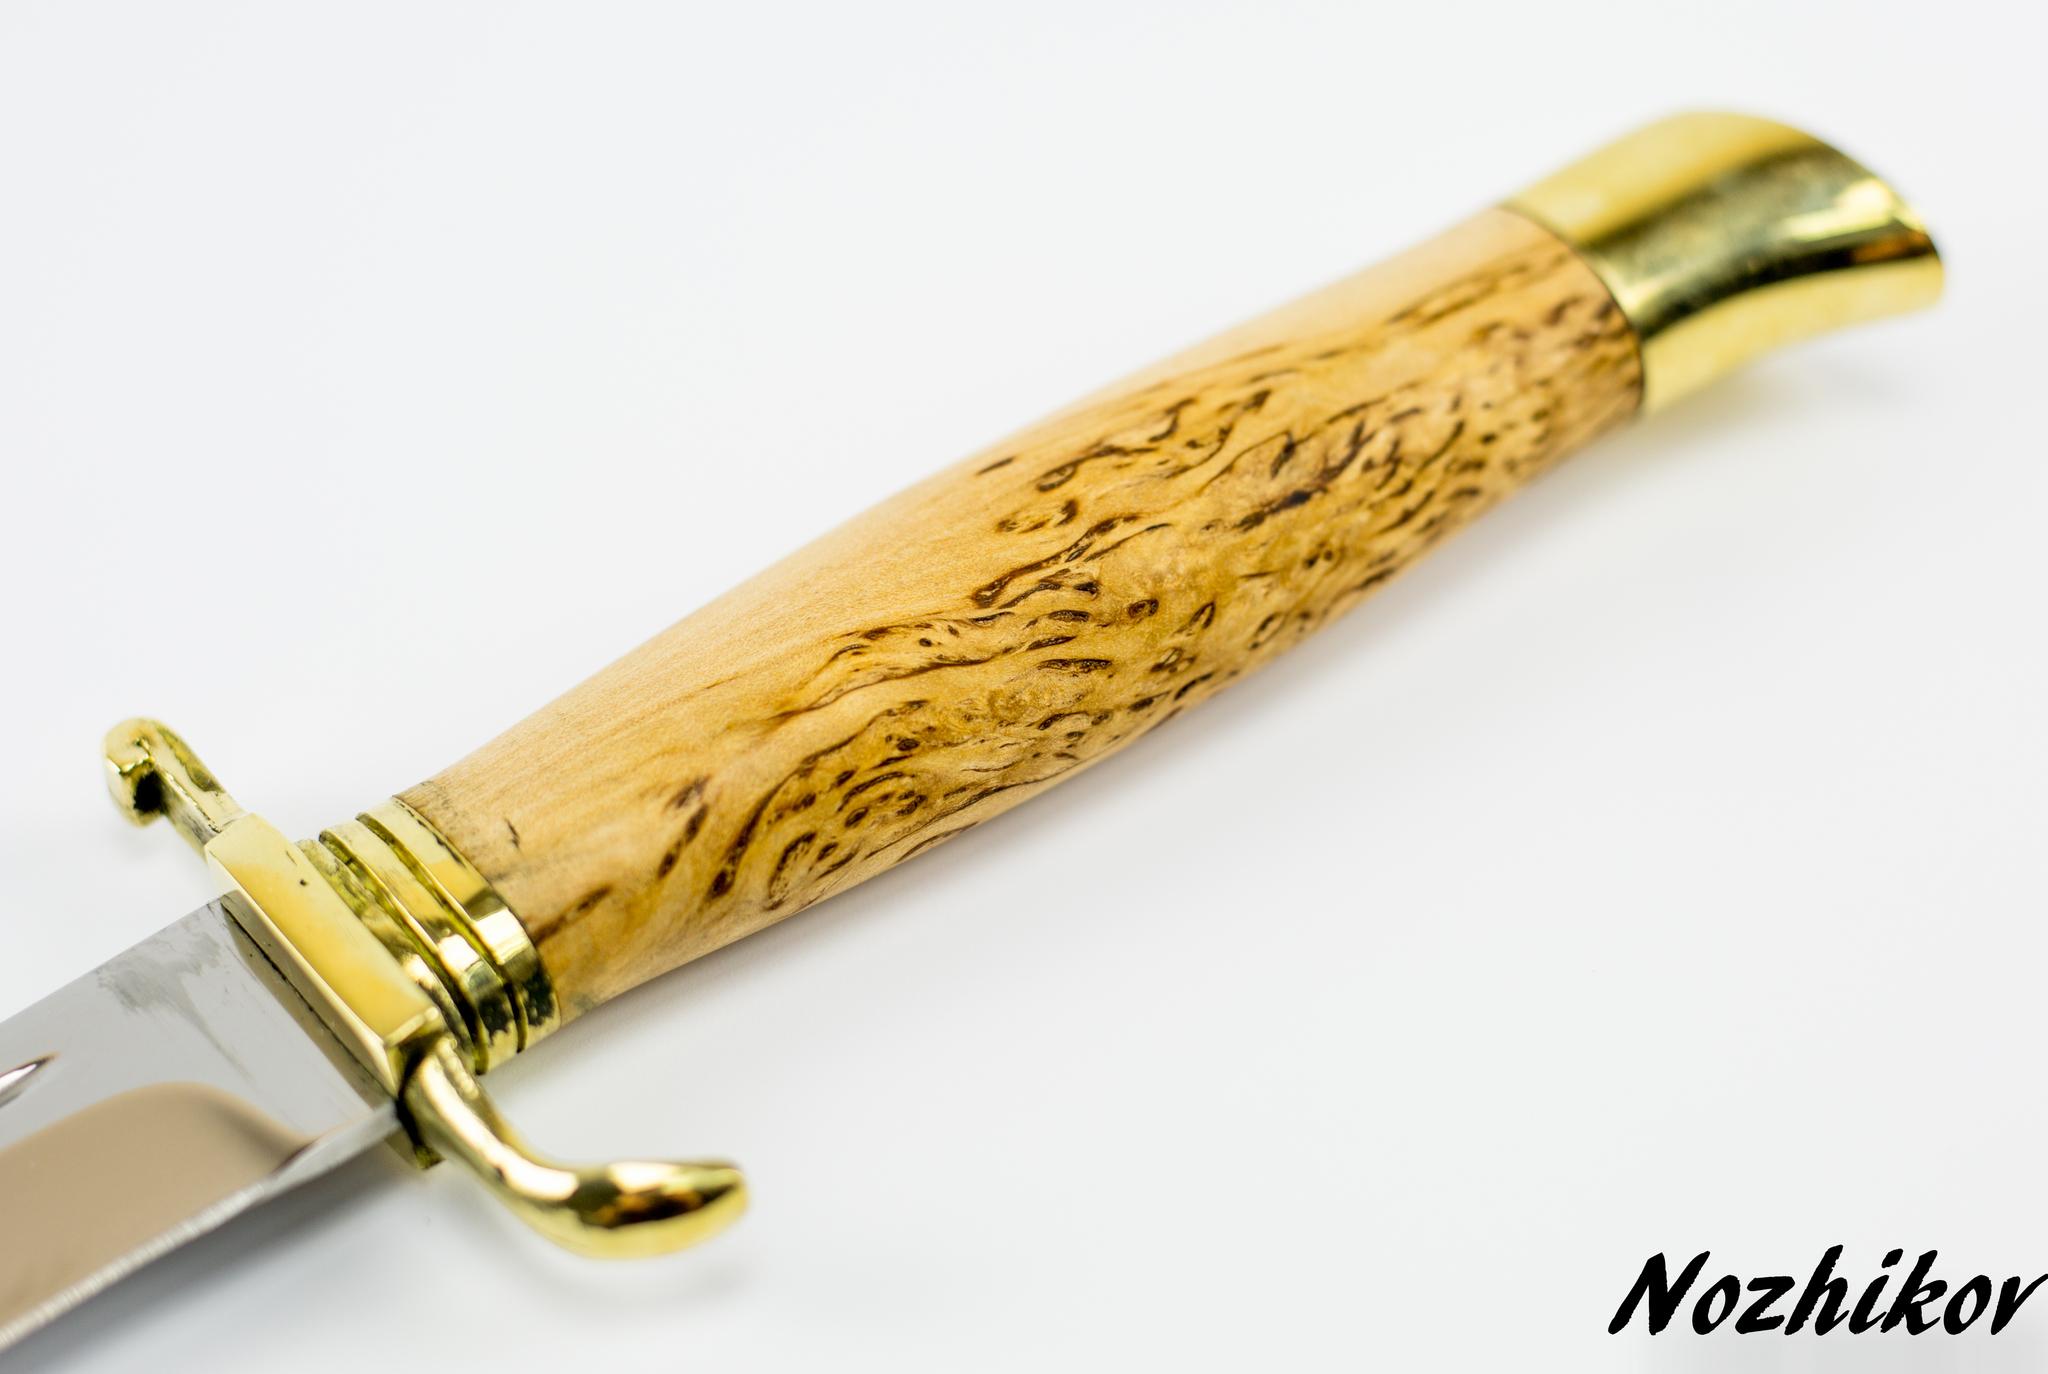 Фото 4 - Нож Финка НКВД 95х18, карельская береза от Мастерская Климентьева